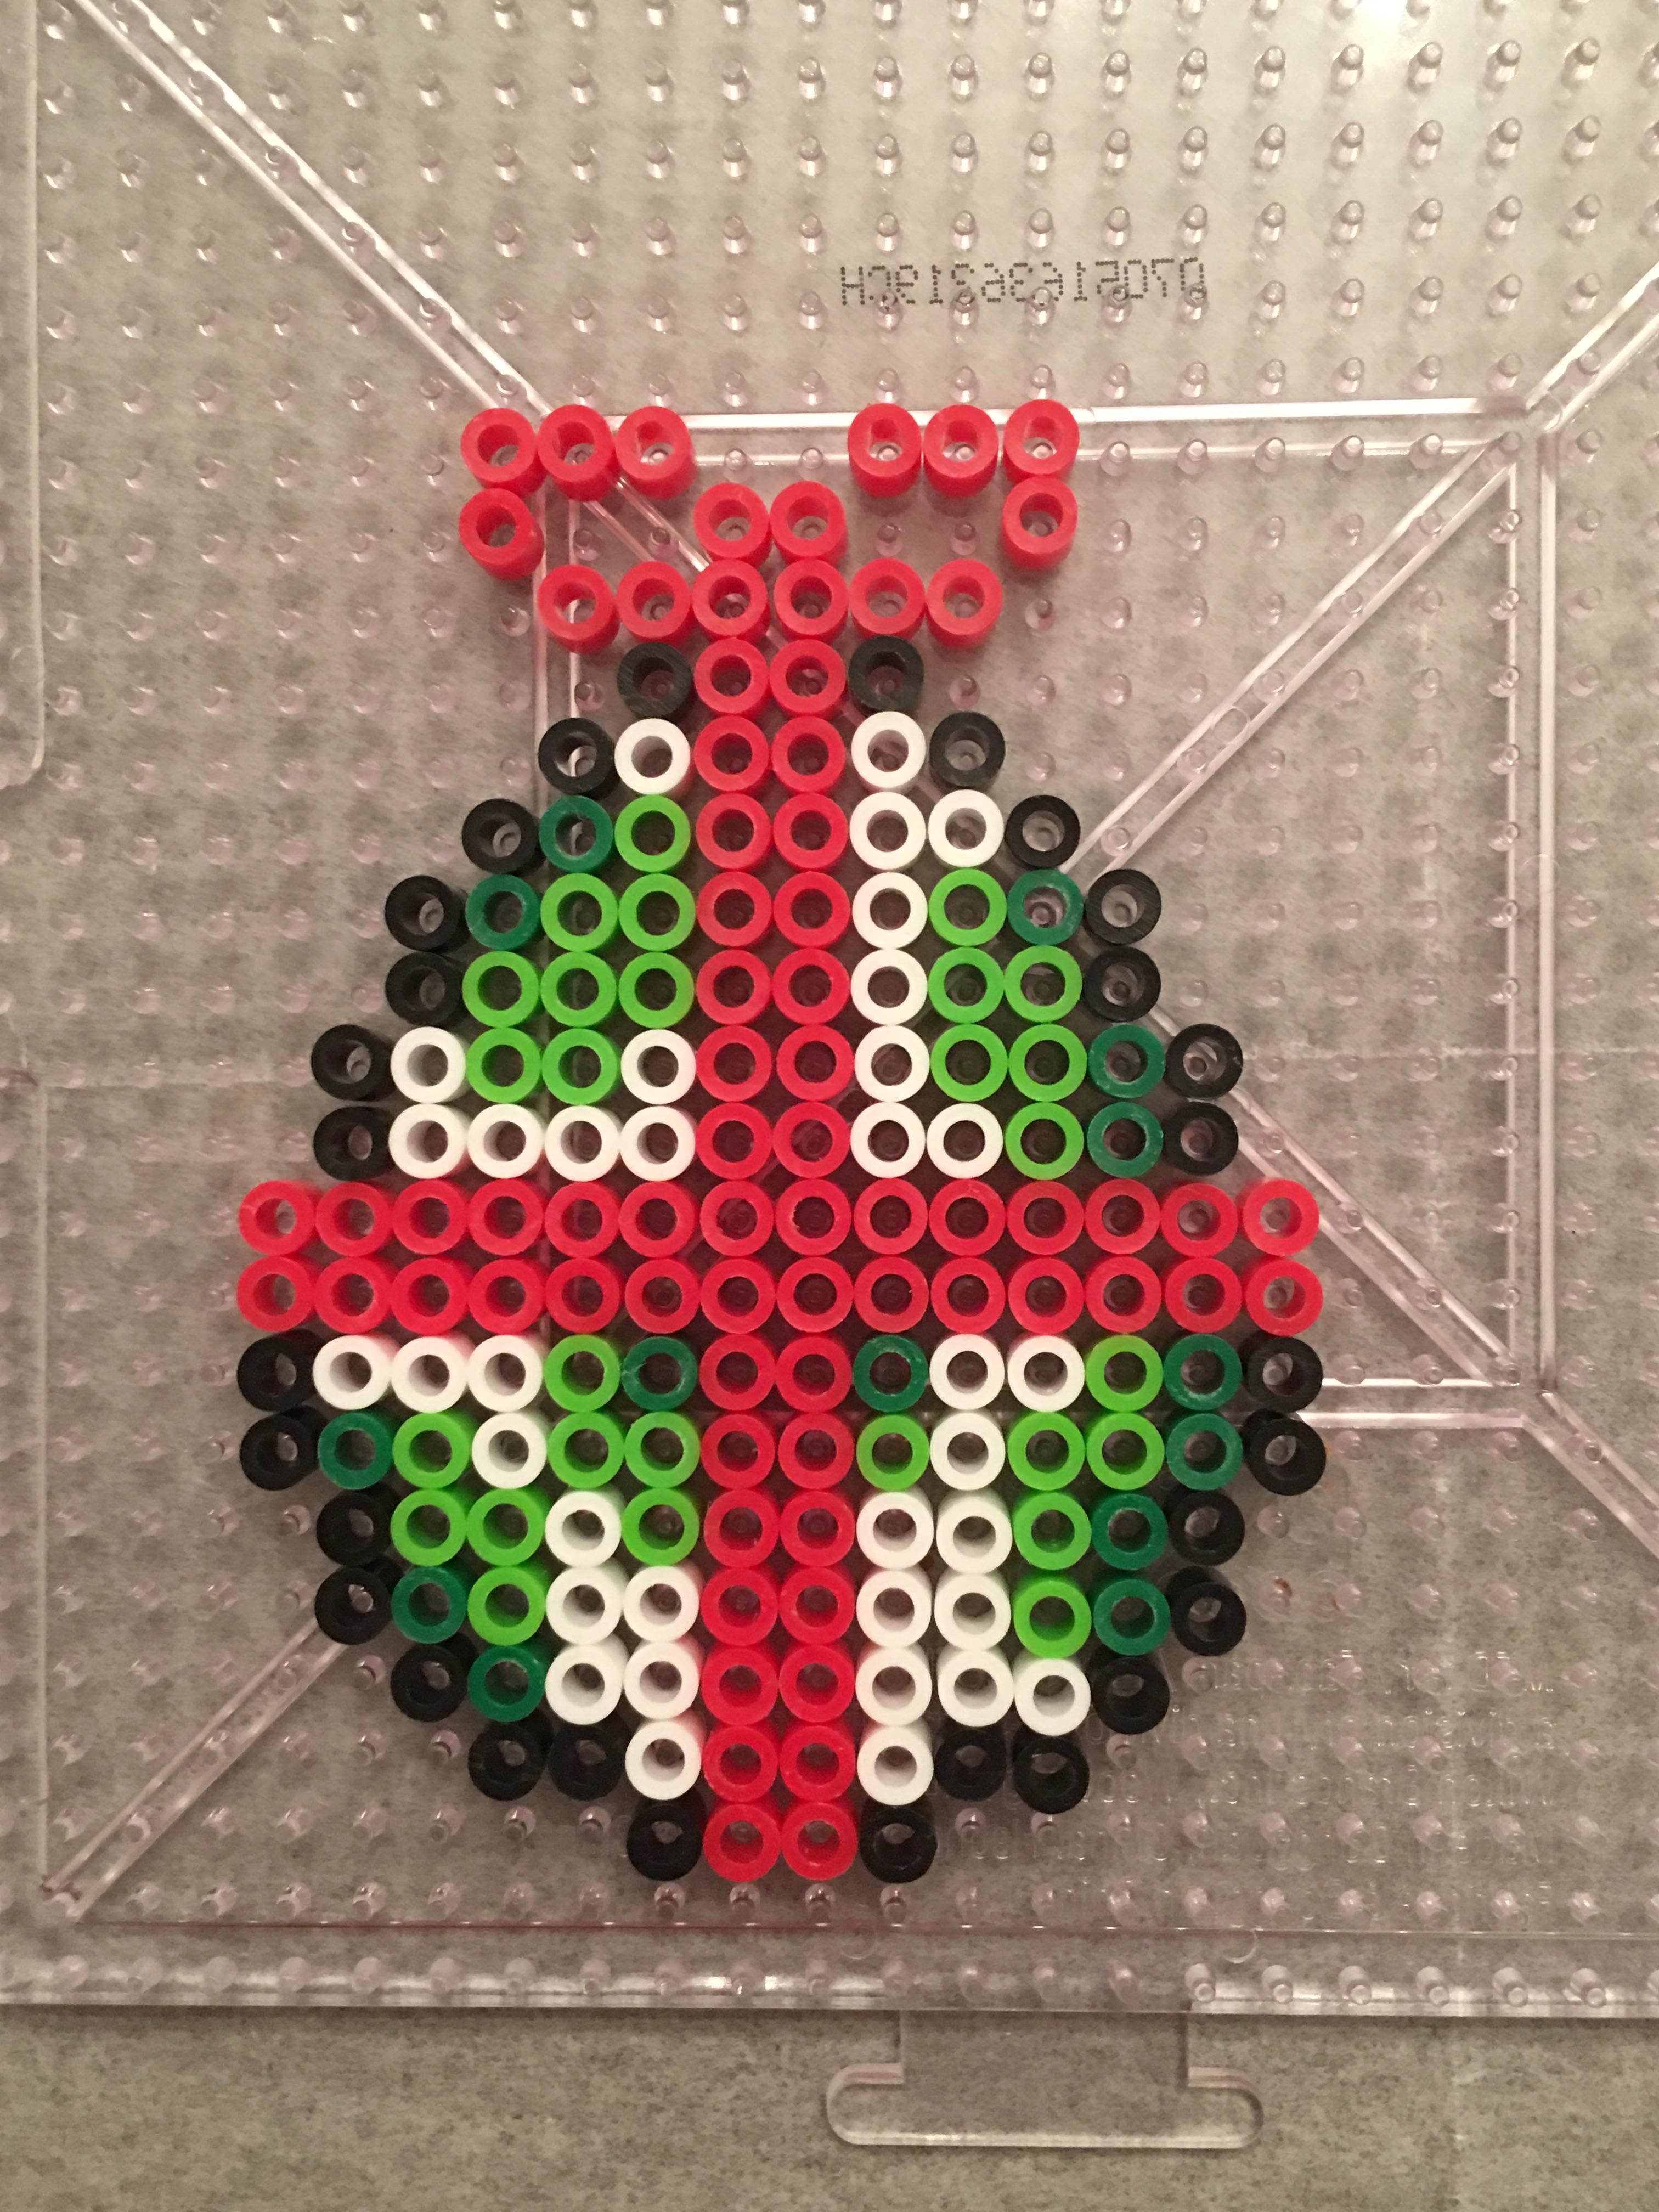 Super Mario Perler Yoshi Egg Christmas Ornament